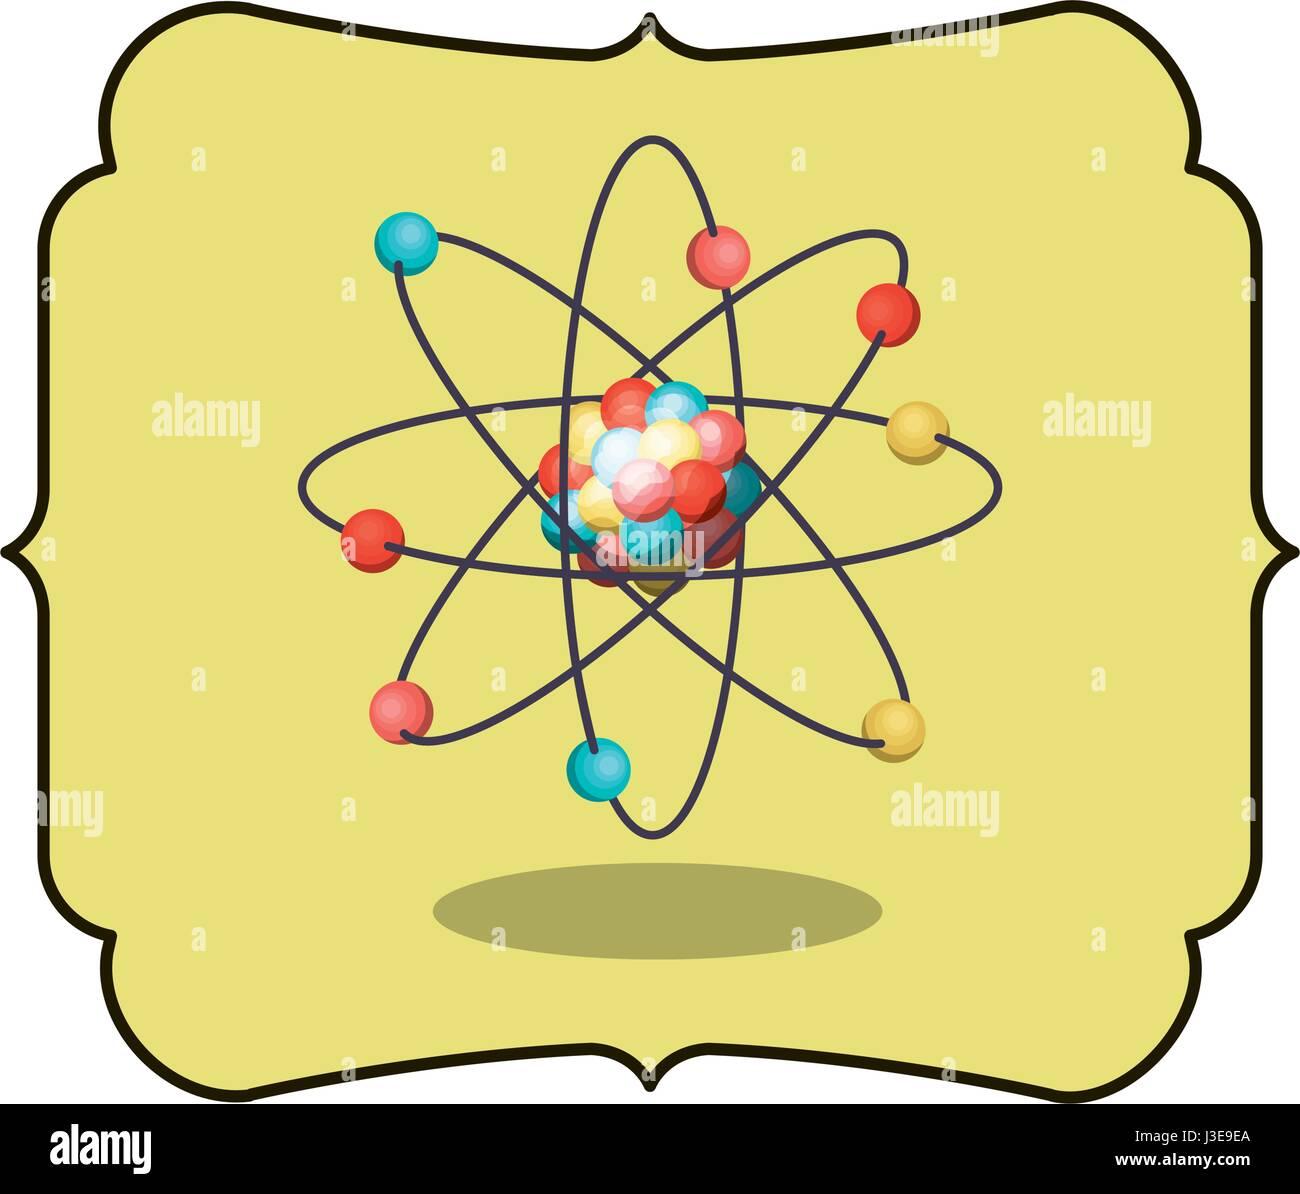 Isolated atom inside frame design - Stock Vector